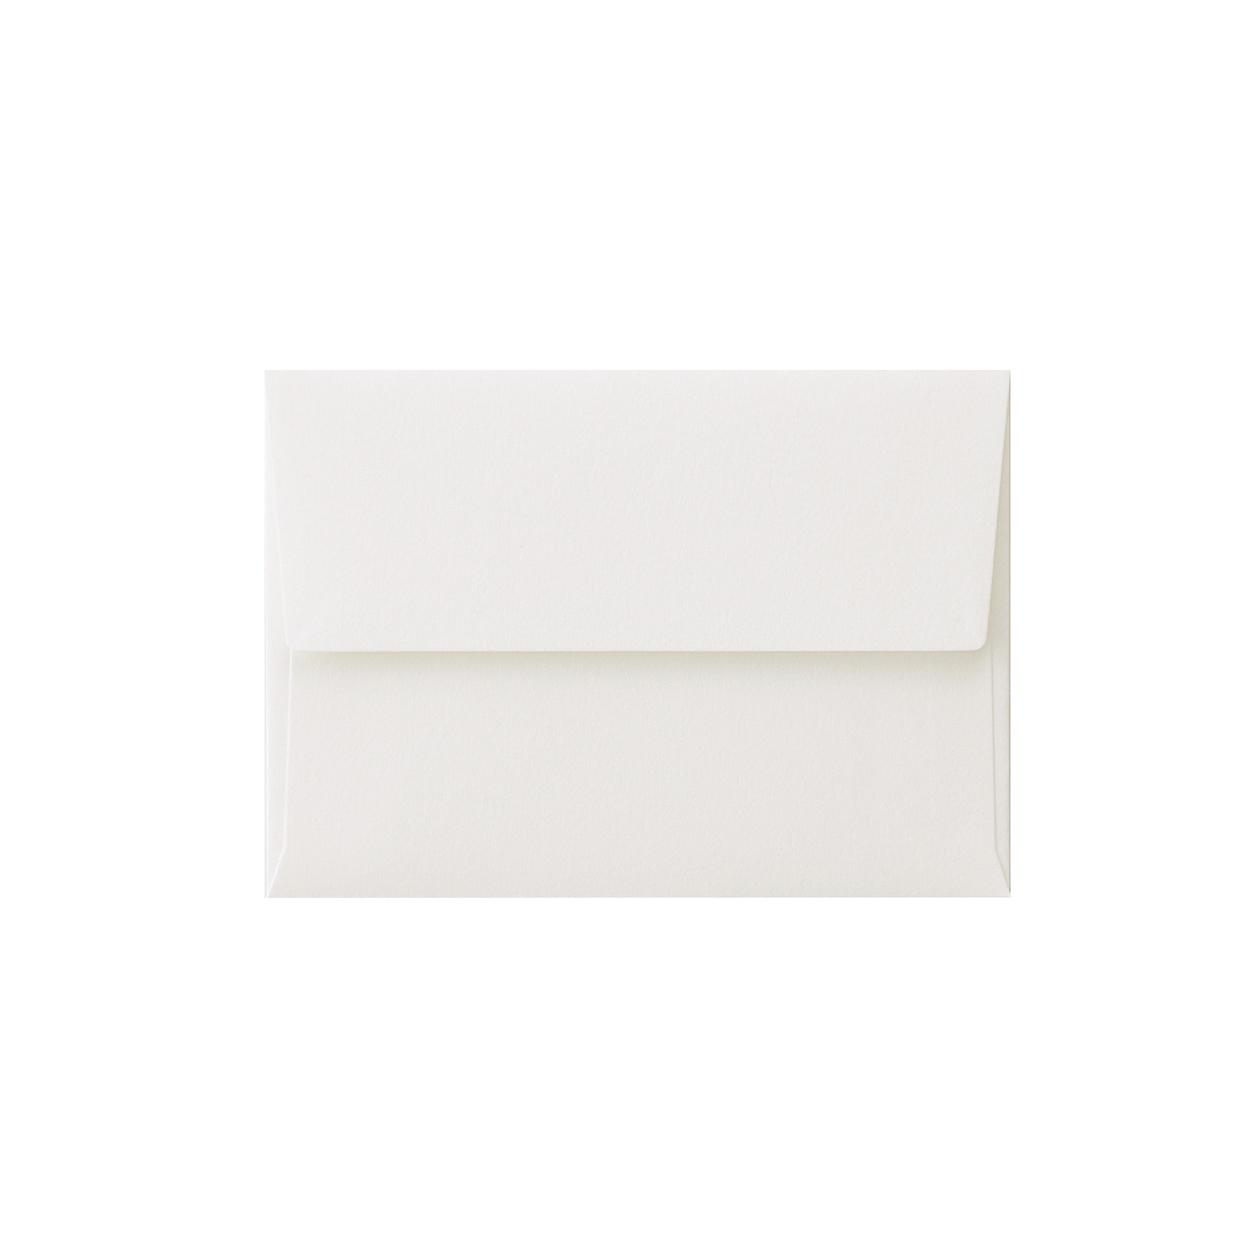 C7カマス封筒 コットン スノーホワイト 116.3g